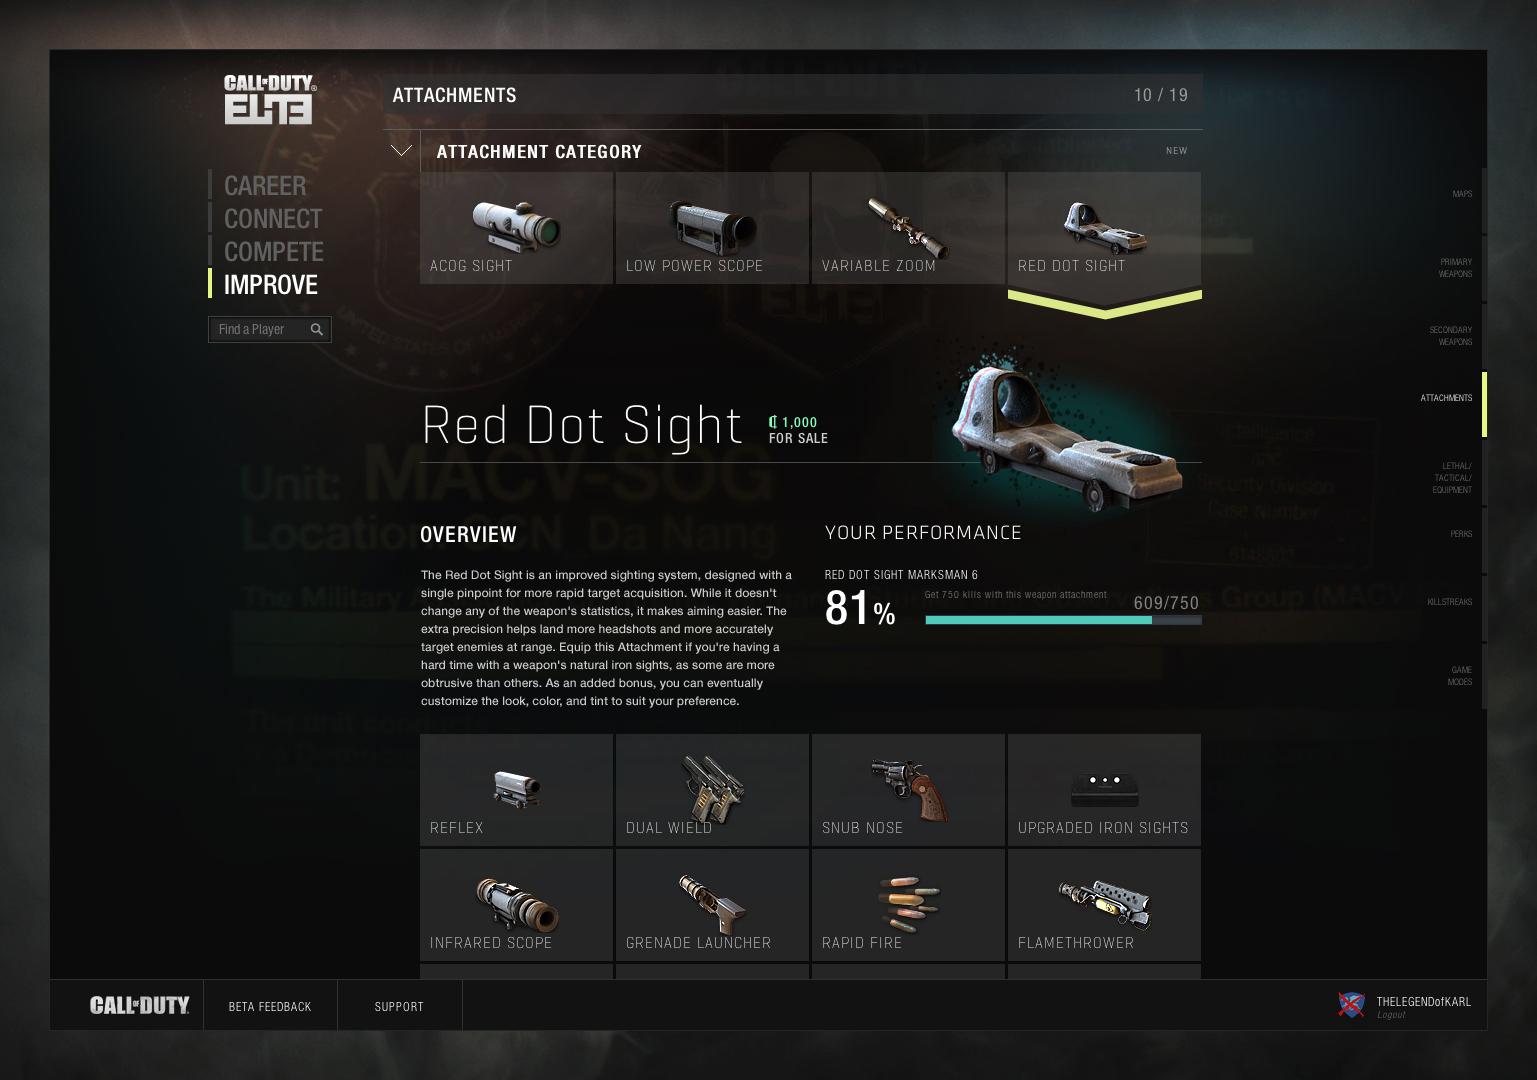 Call of Duty: Elite – jako bychom to už někde viděli 42654